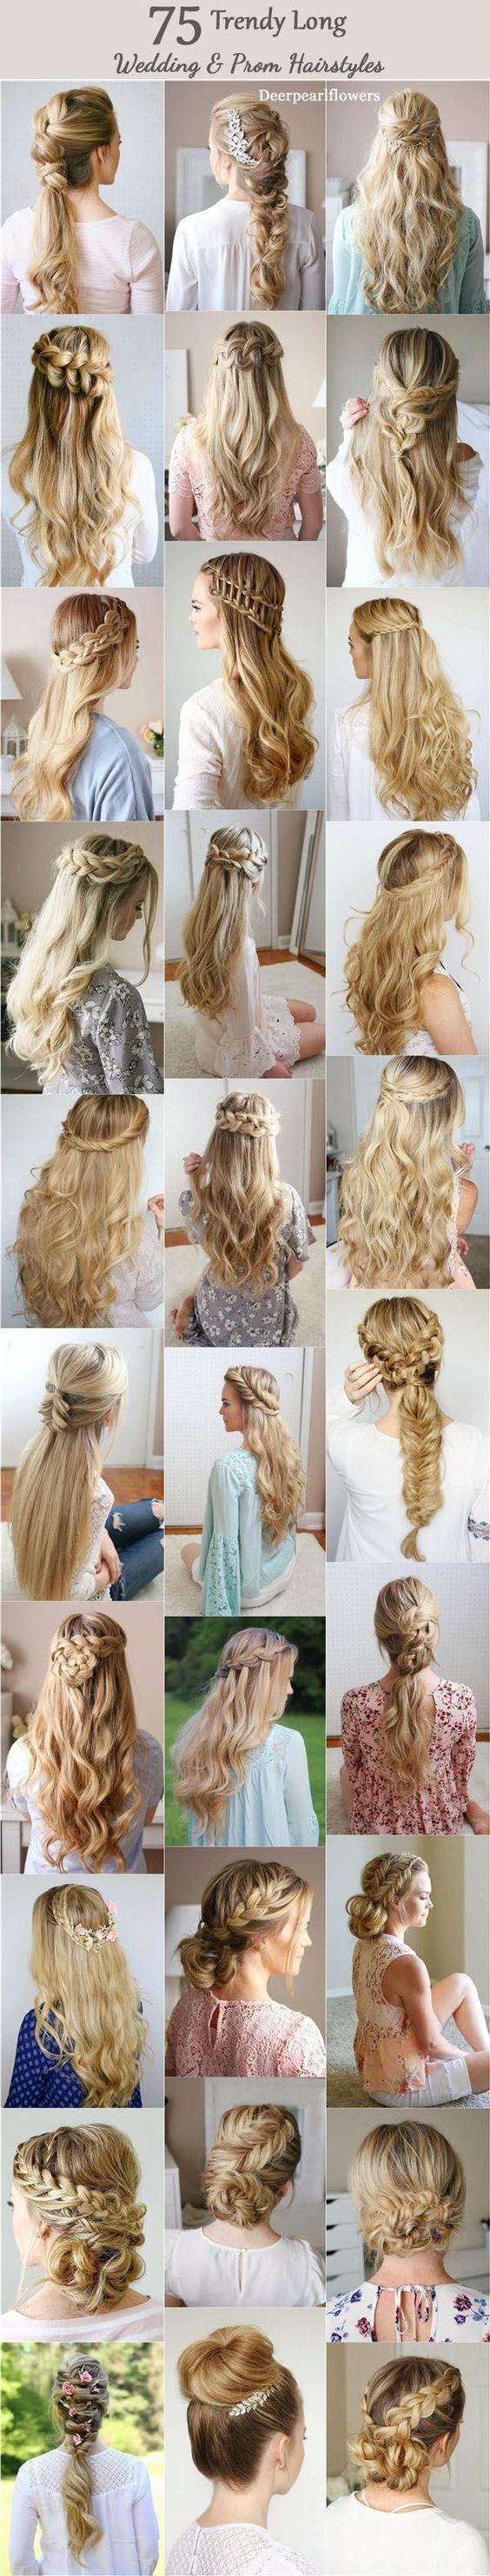 Long Wedding & Prom Hairstyles from Missysueblog / www.deerpearlflow...